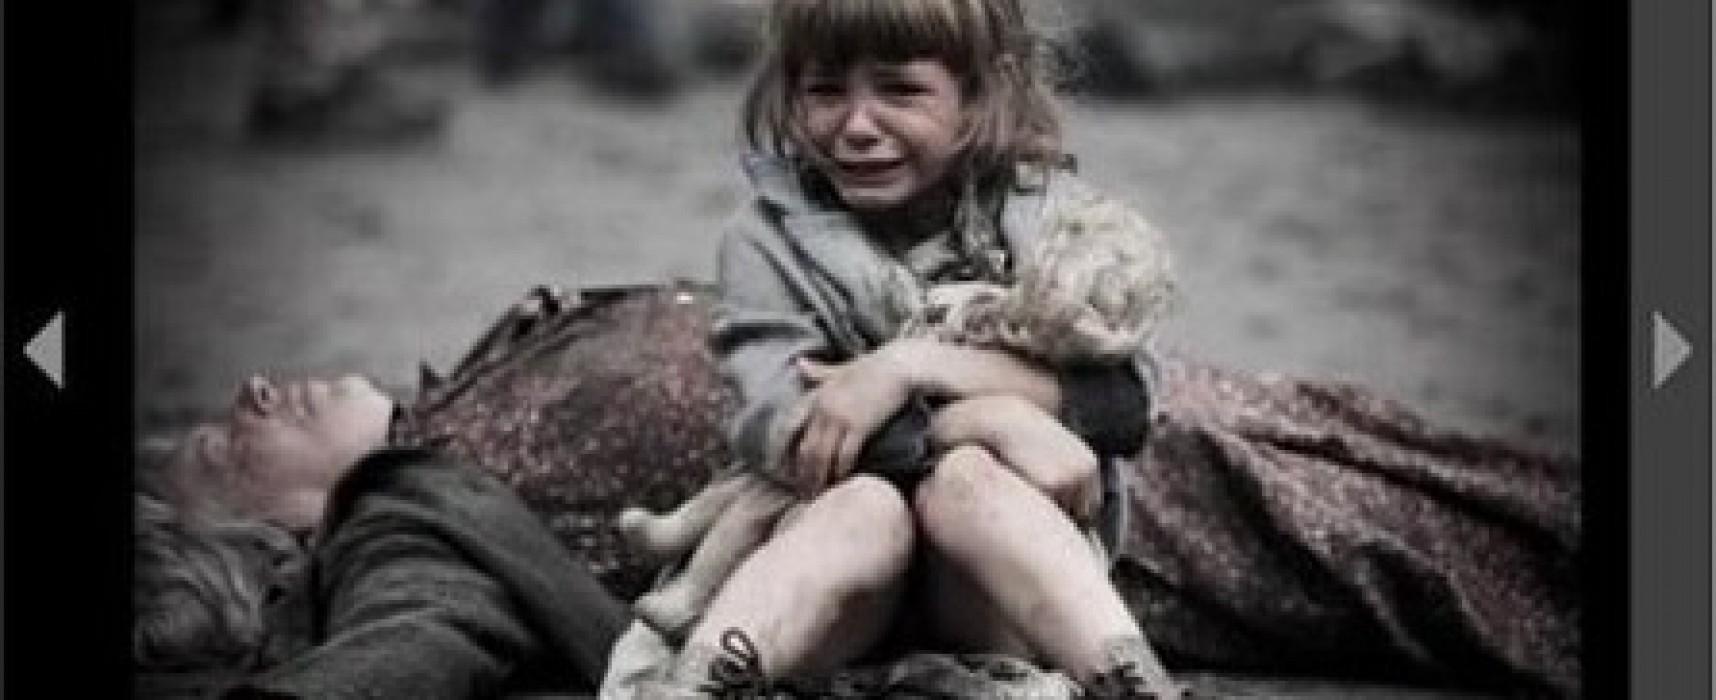 Кадр из кинофильма «Брестская крепость» представляется как фото с Донбасса